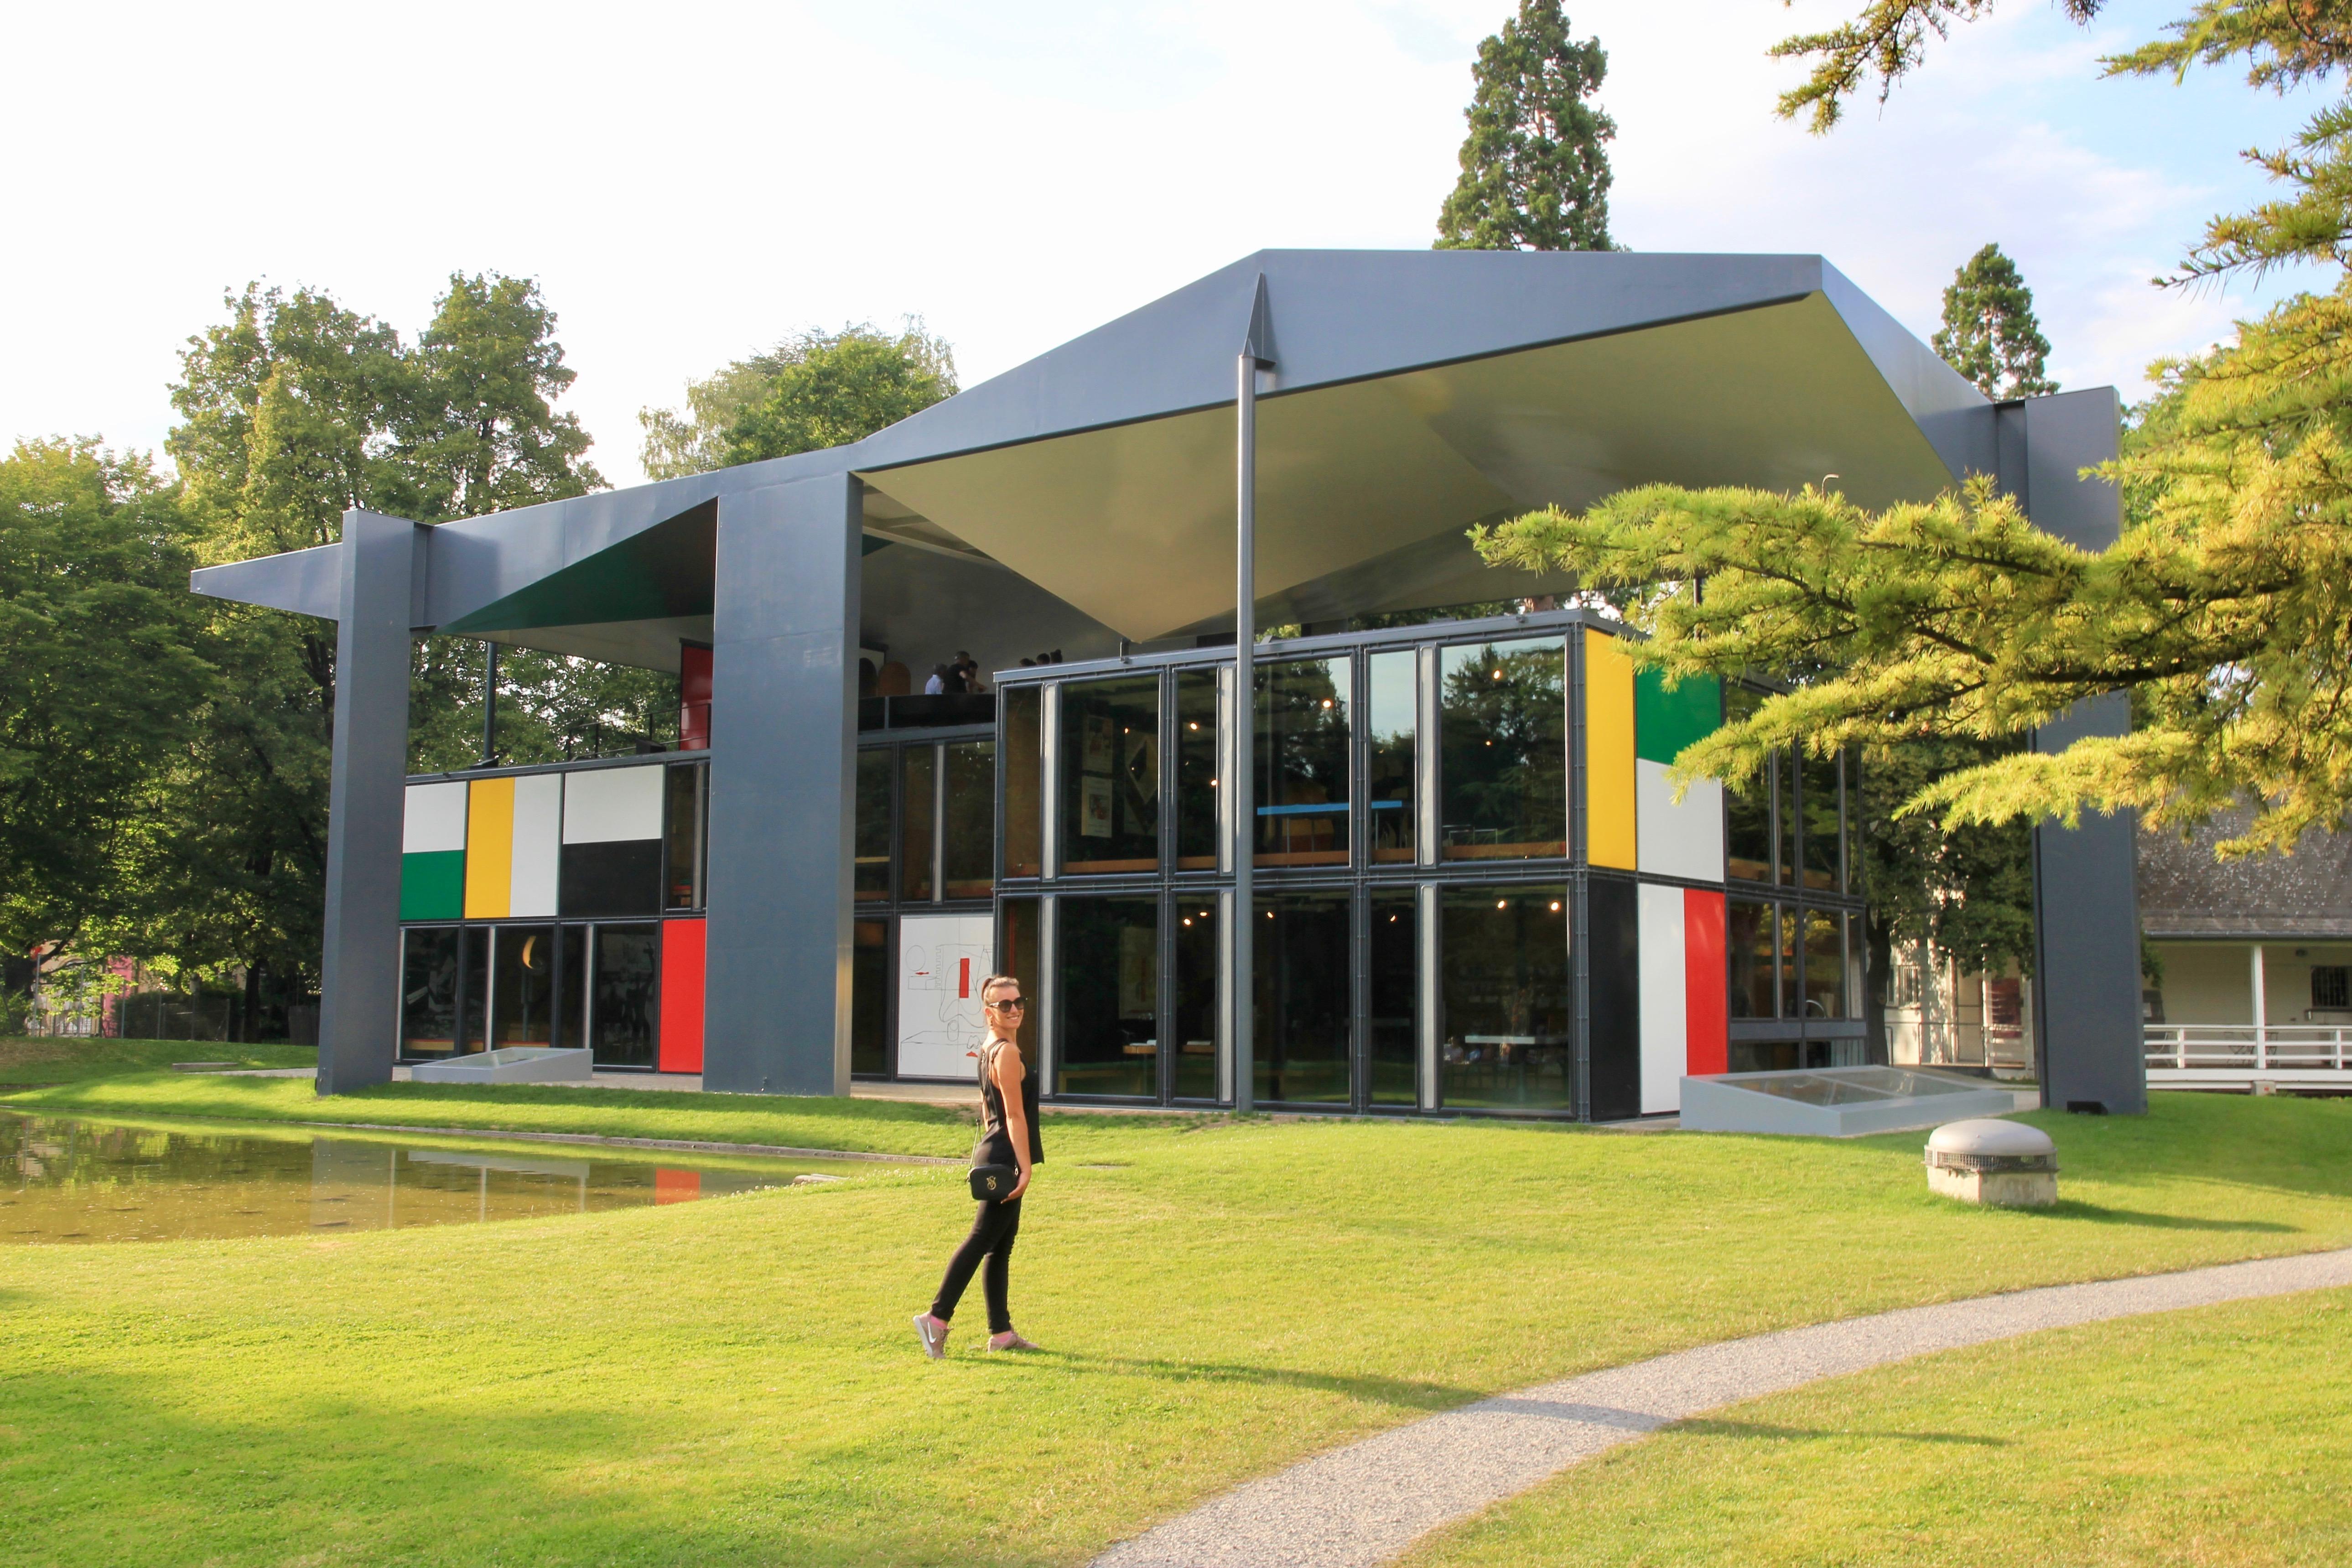 Padiglione Le Corbusier, Zurigo